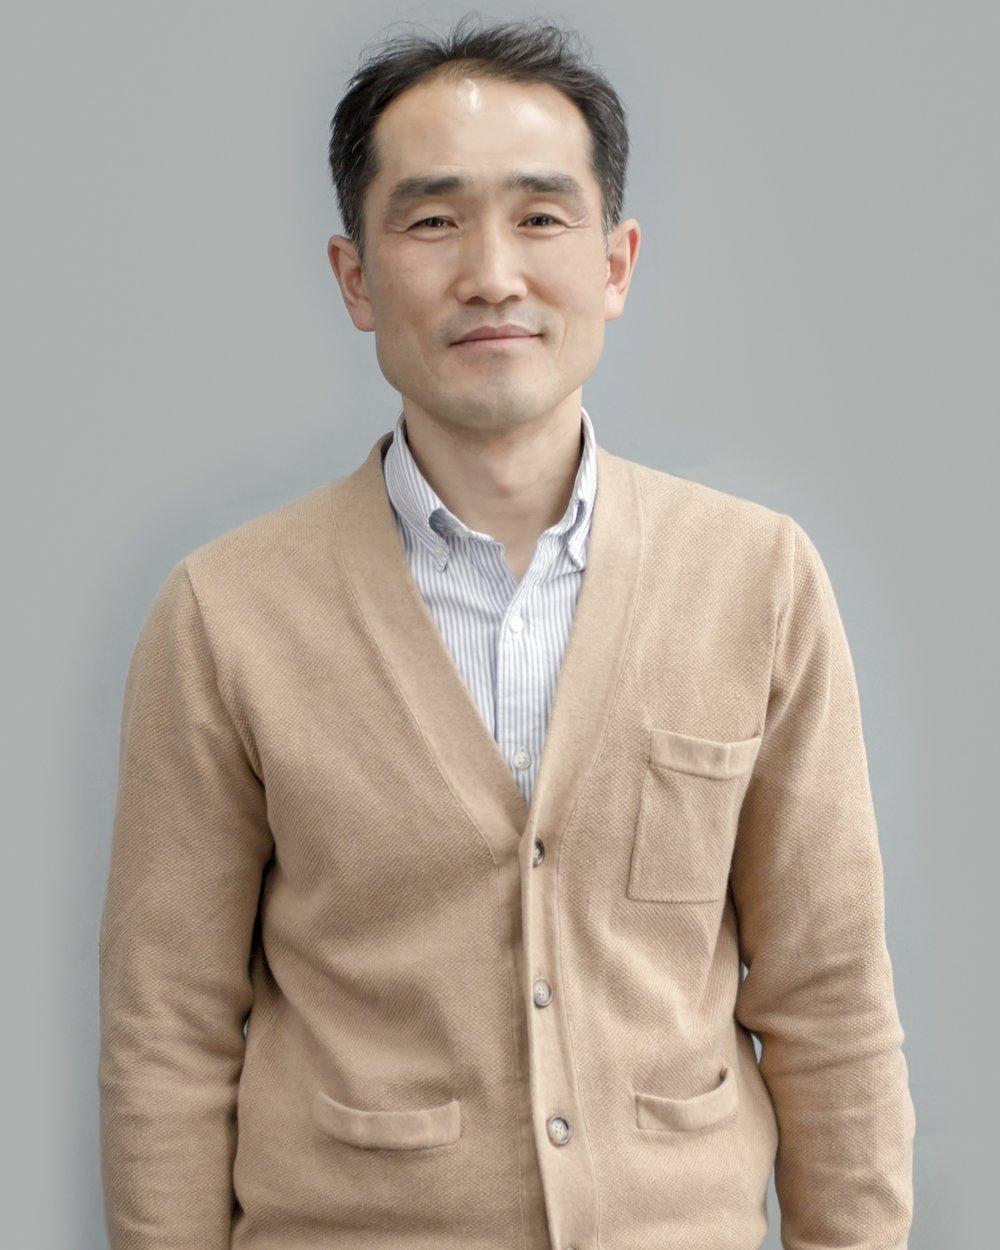 CHOONG HWAN AHN - Fellowship & Intercession